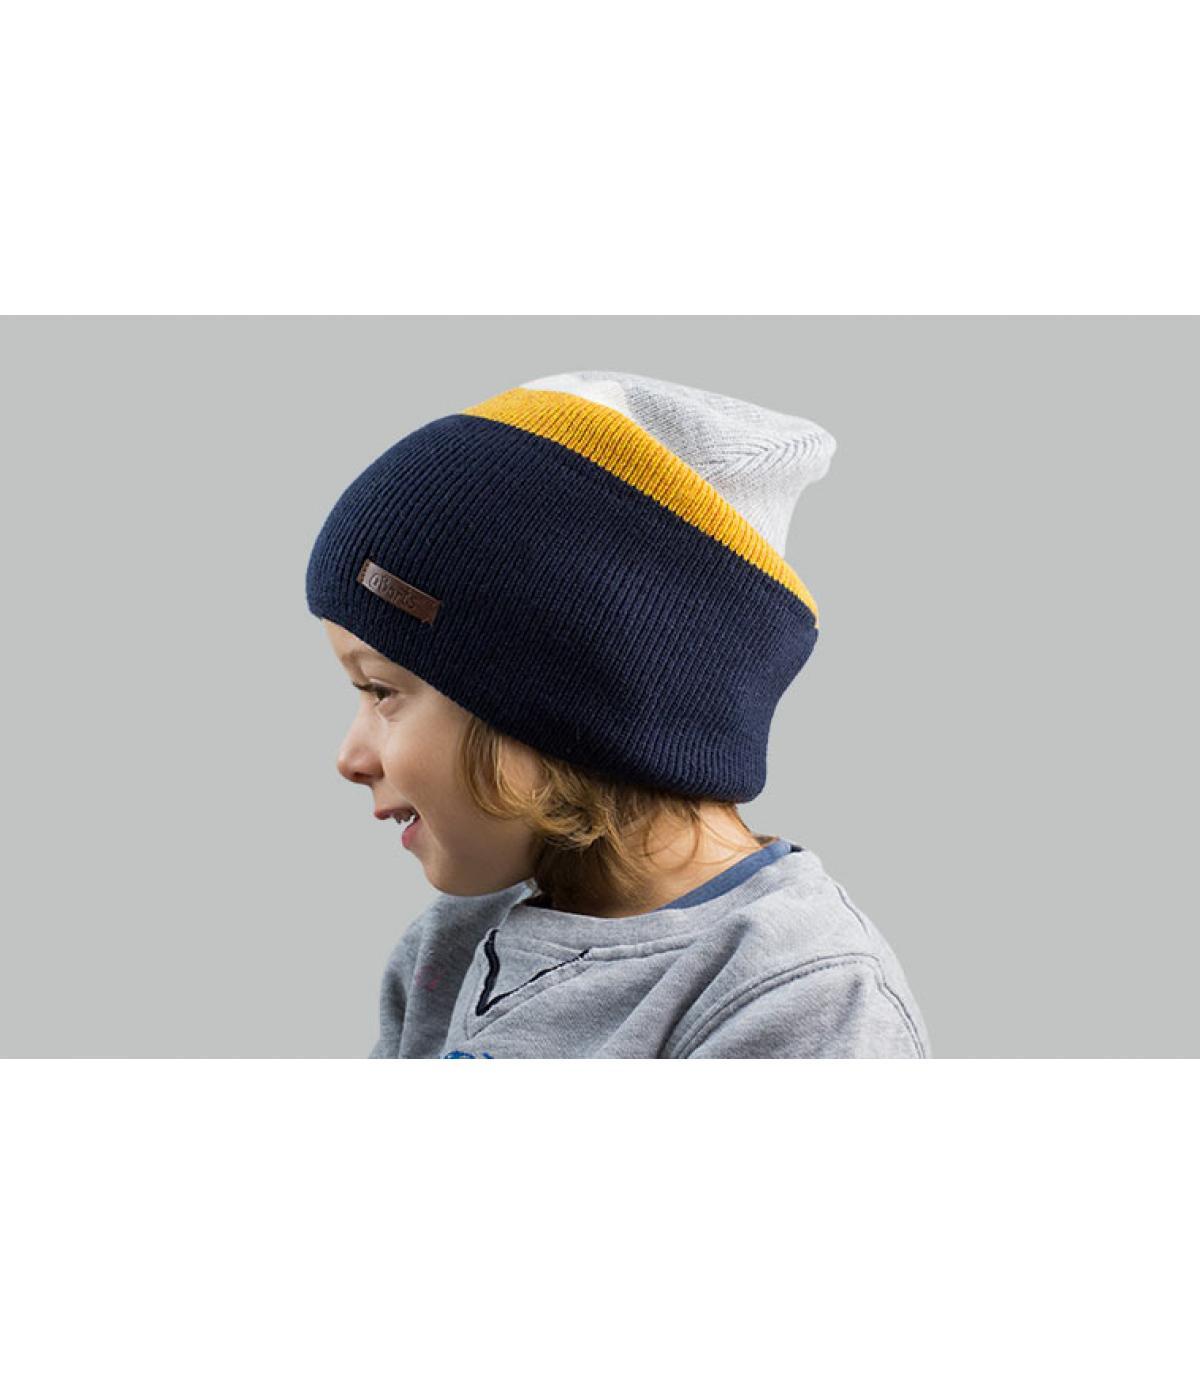 cappello da bambino giallo blu